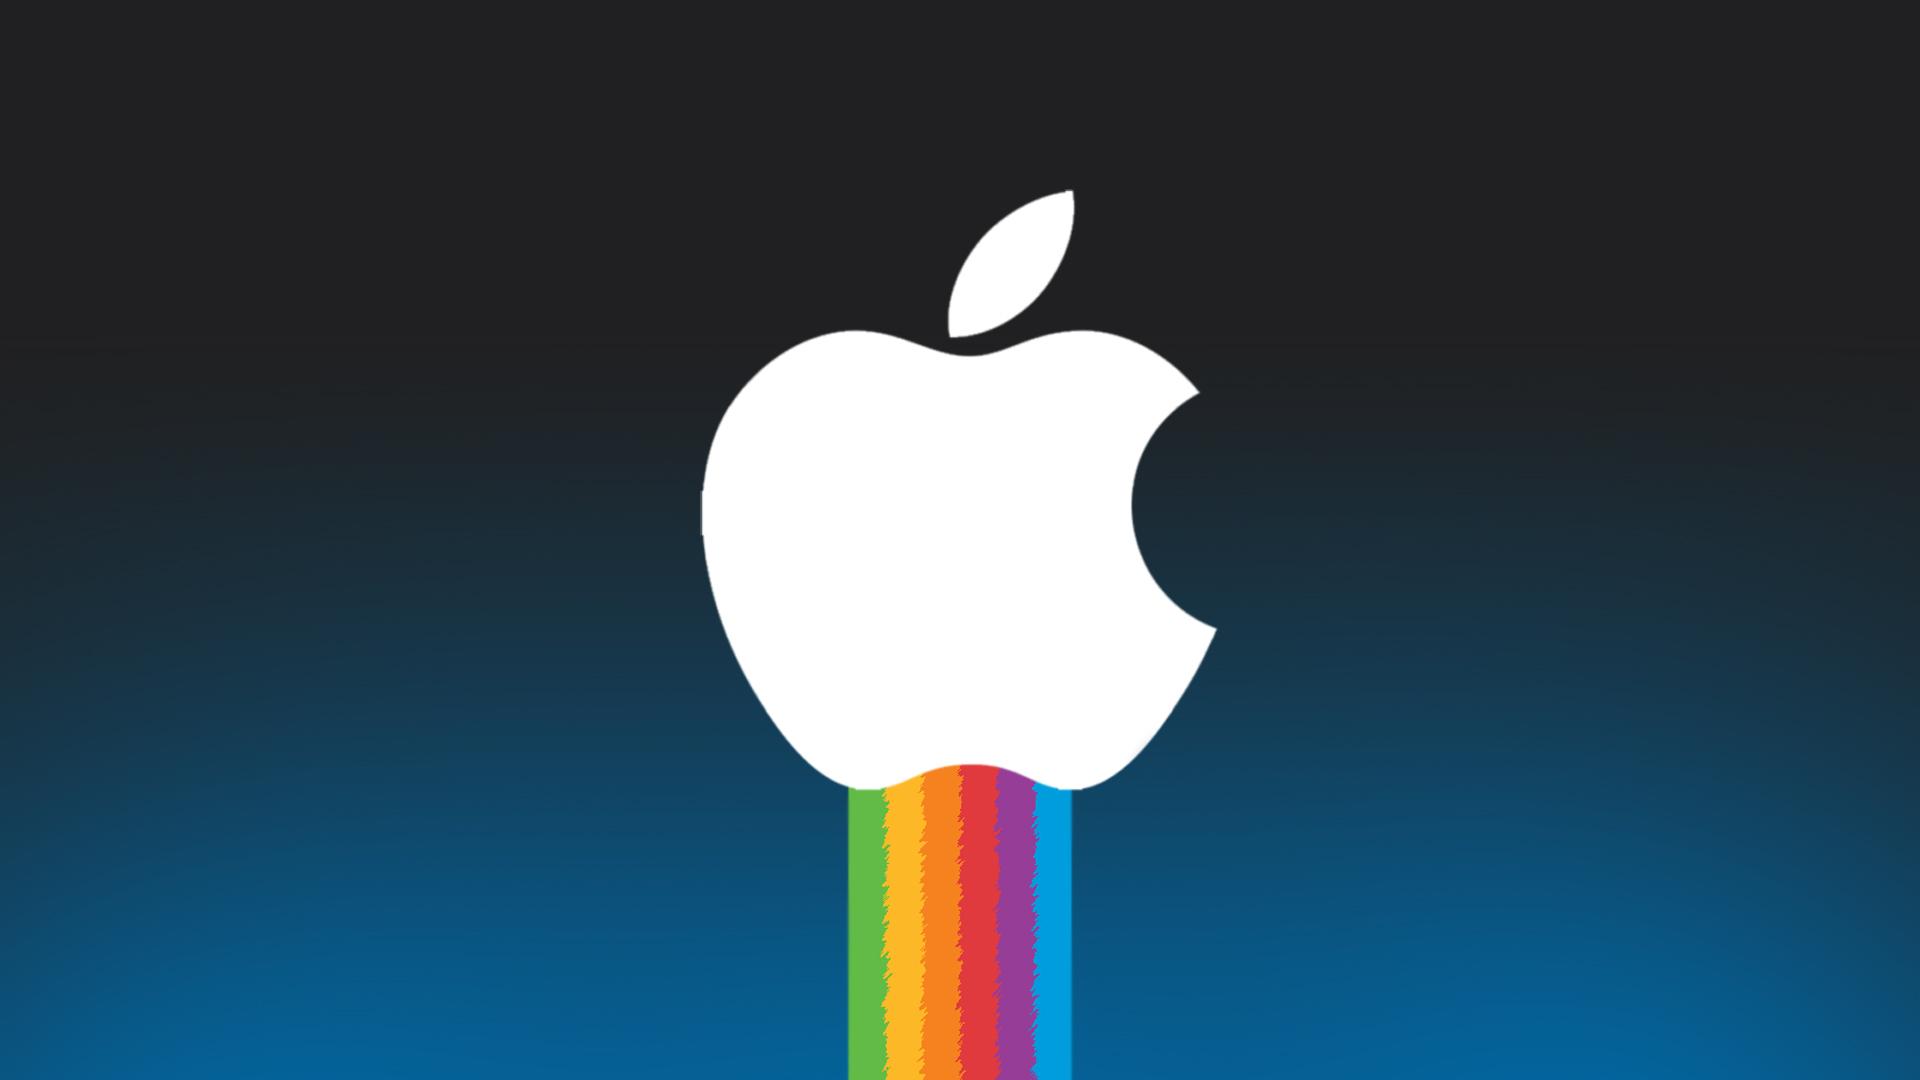 rainbow apple wallpaper, скачать фото, обои для рабочего стола